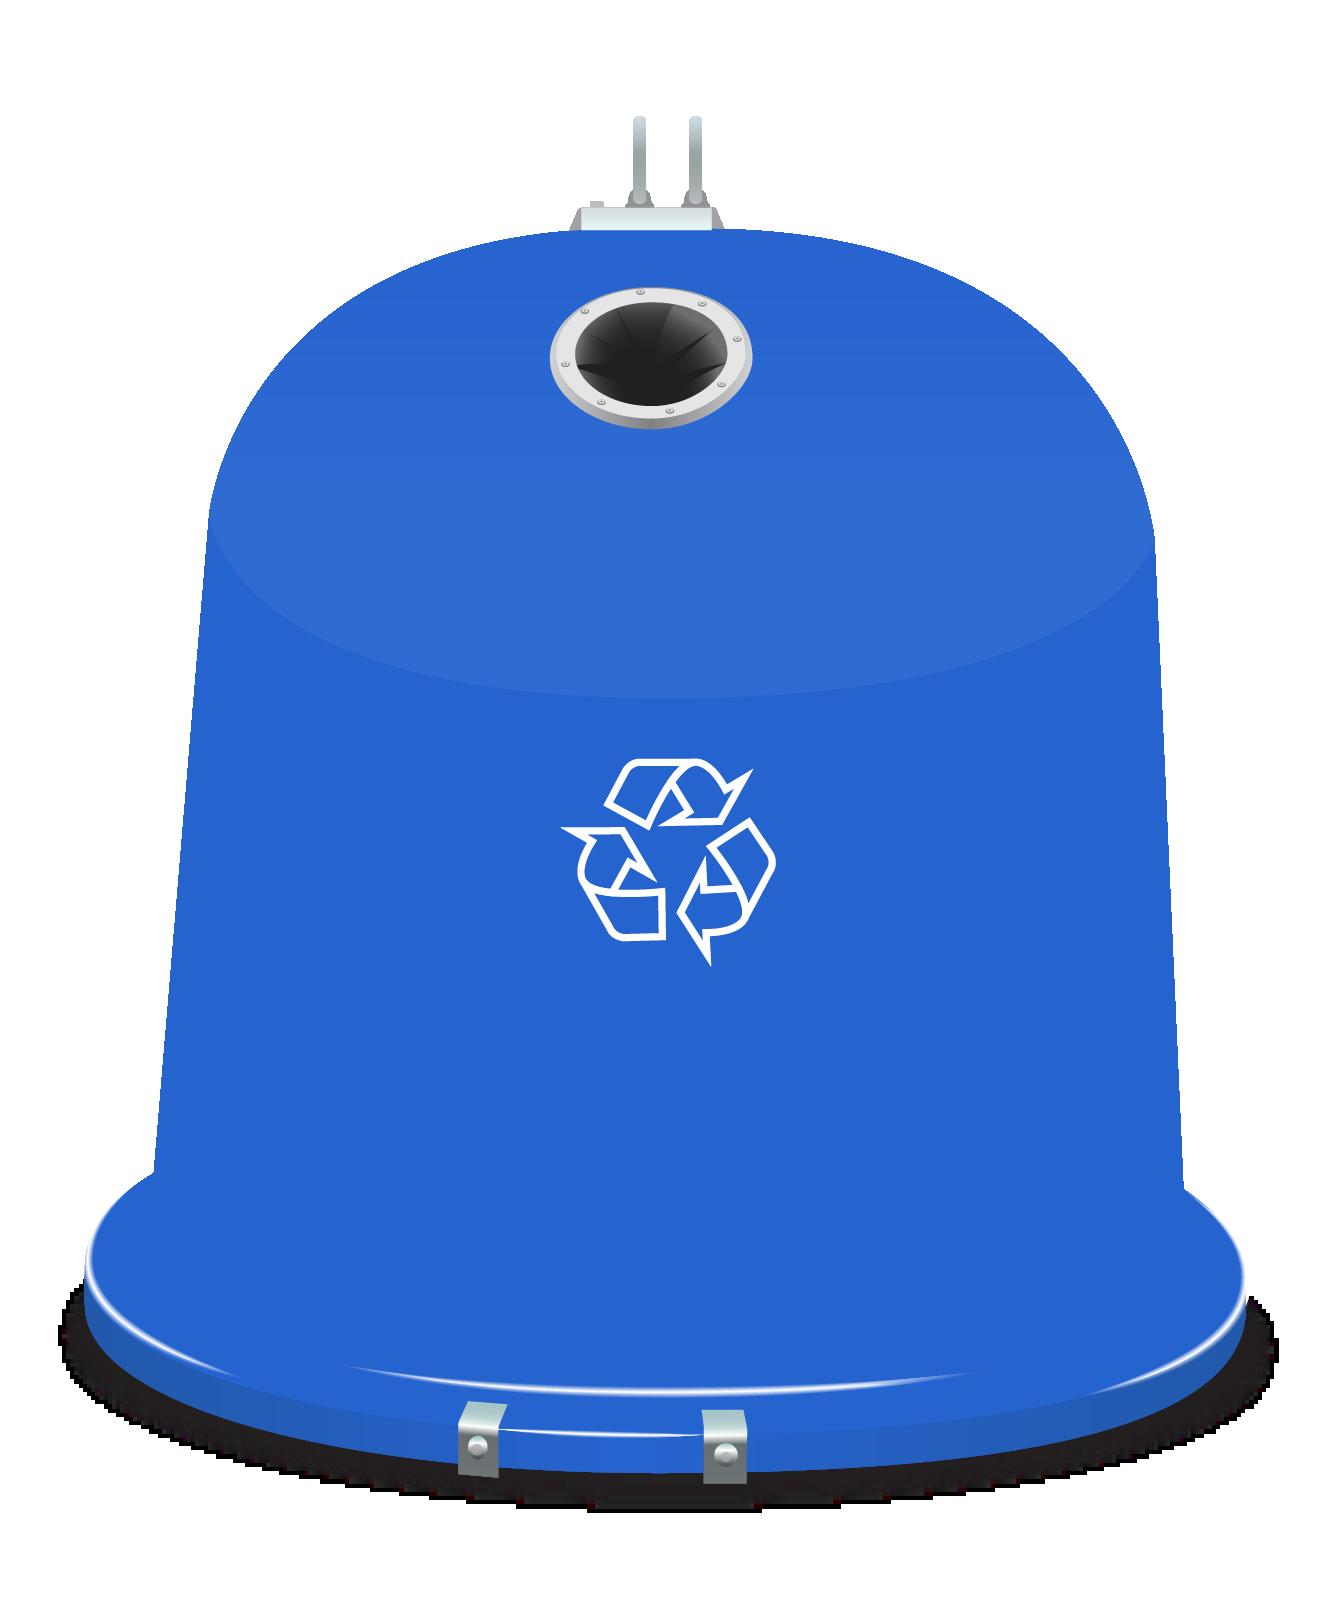 regras de Separação - Ecoponto Azul